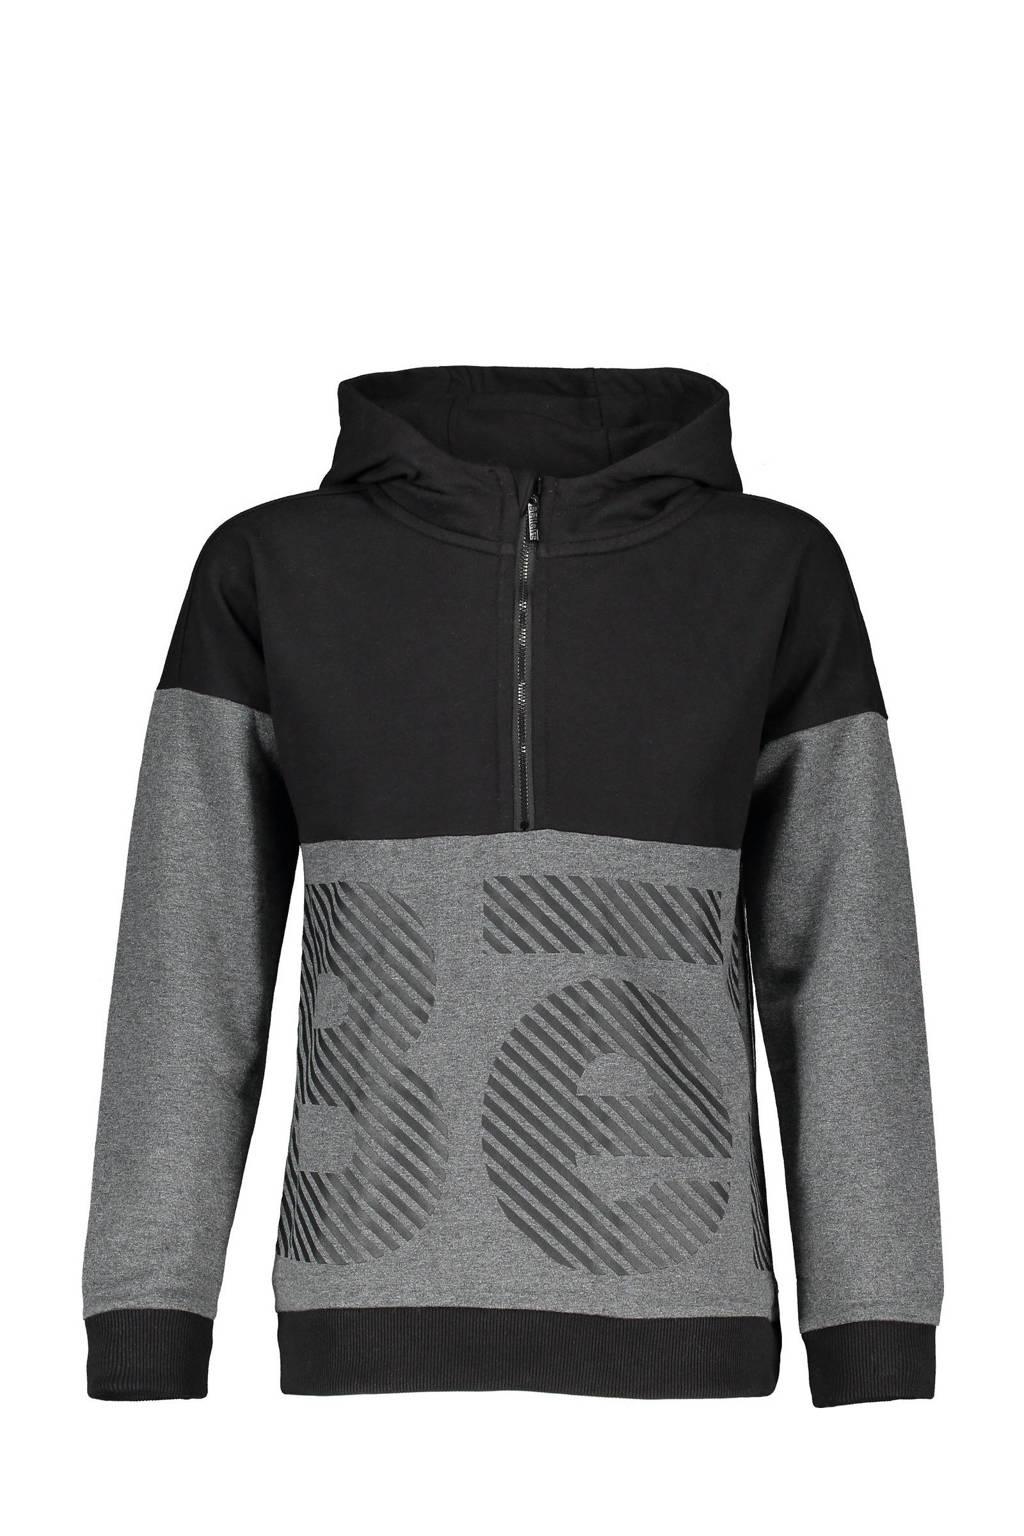 Bellaire hoodie Kakoi met printopdruk antraciet, Antraciet